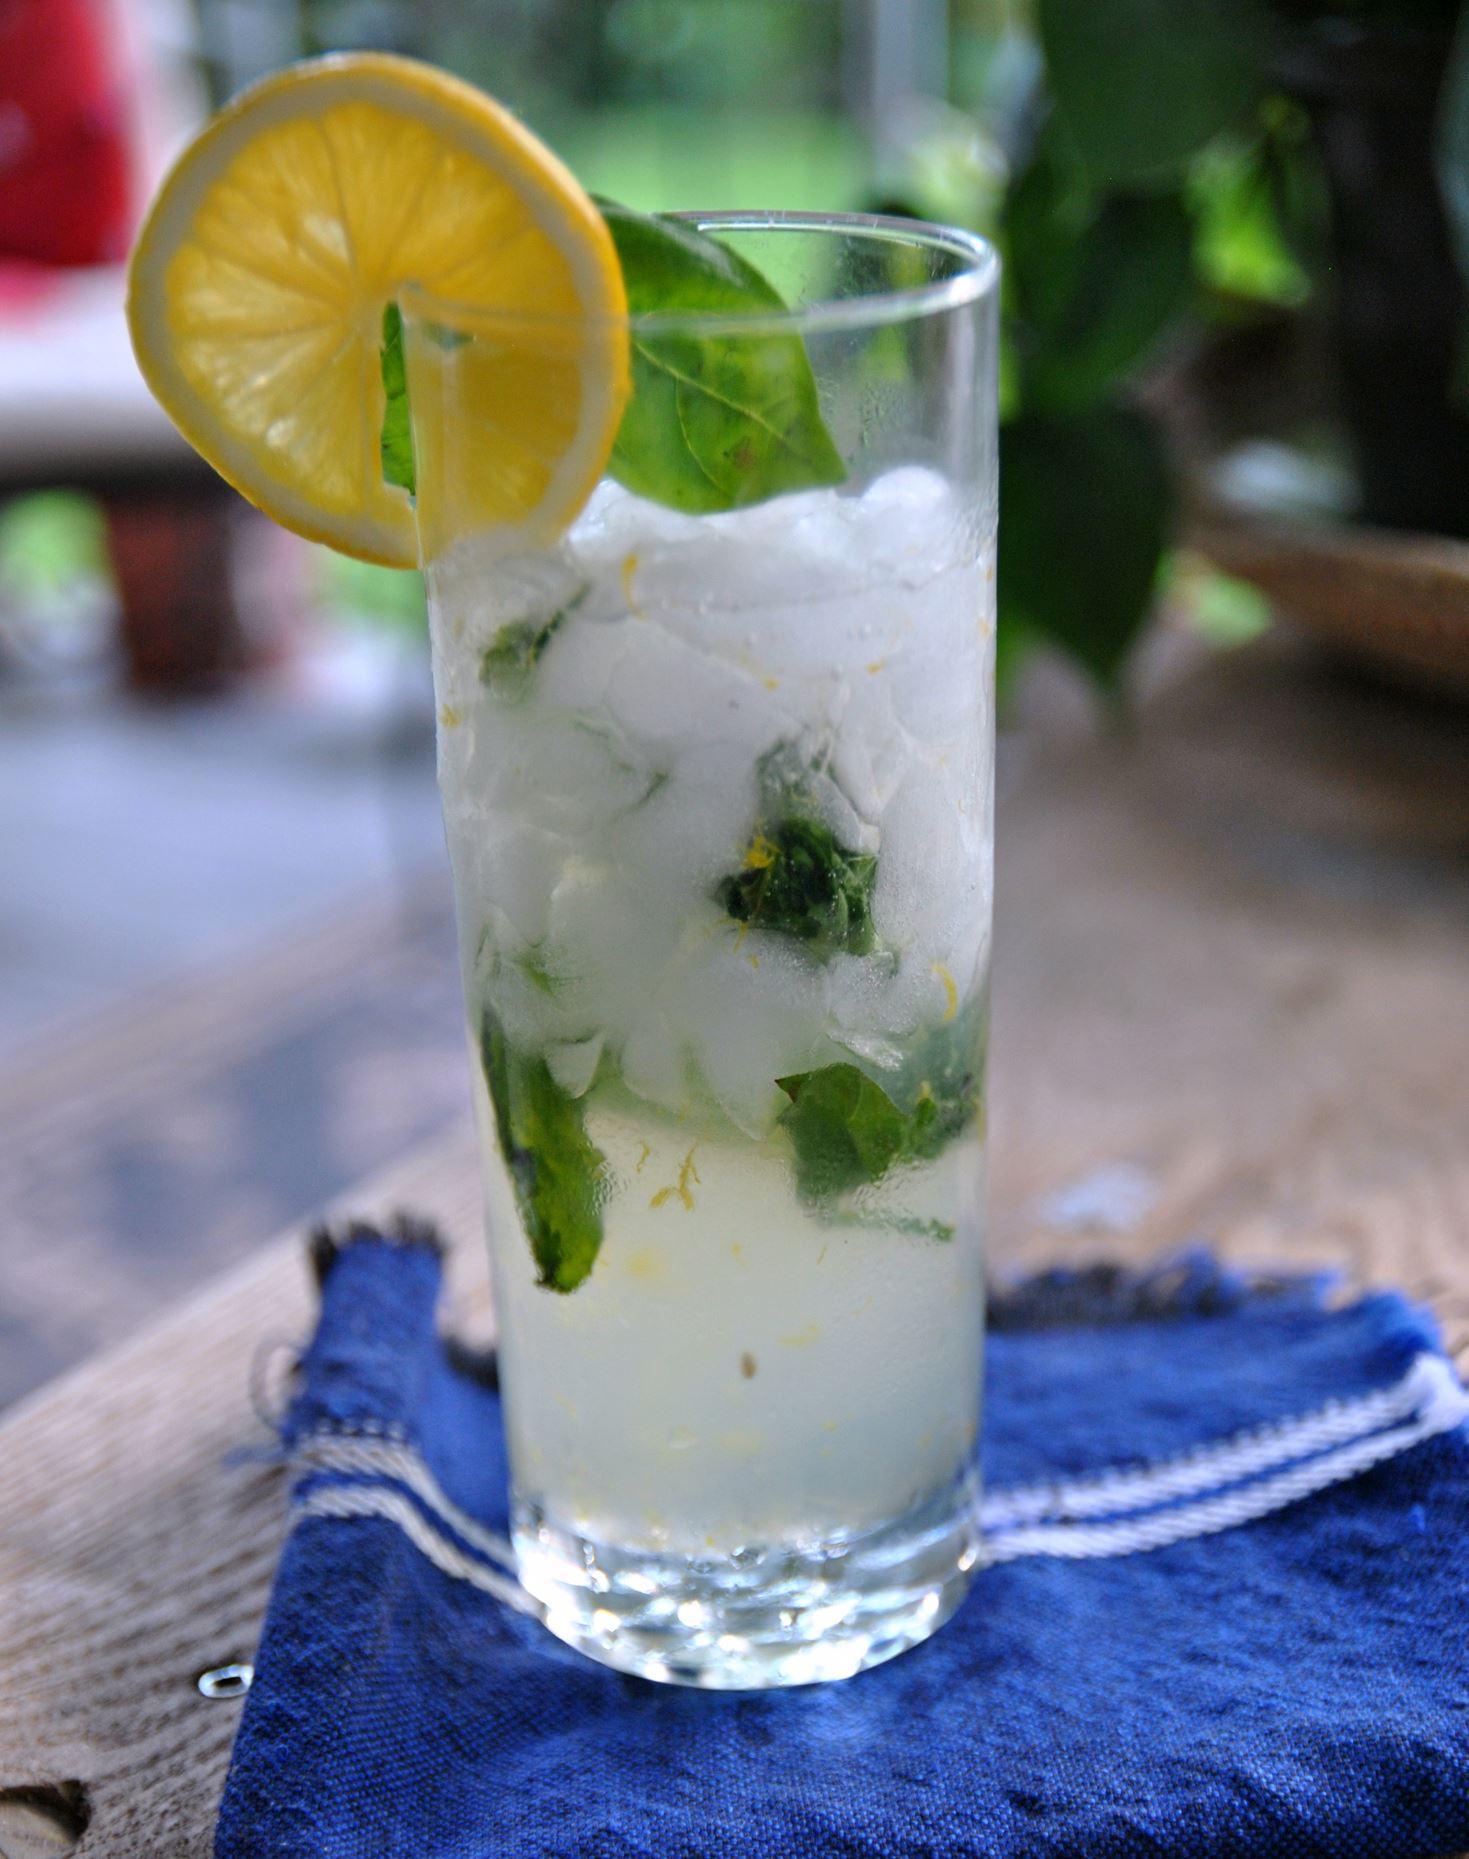 basilcocktail0605a Lemon Basil Blossom Cocktail.